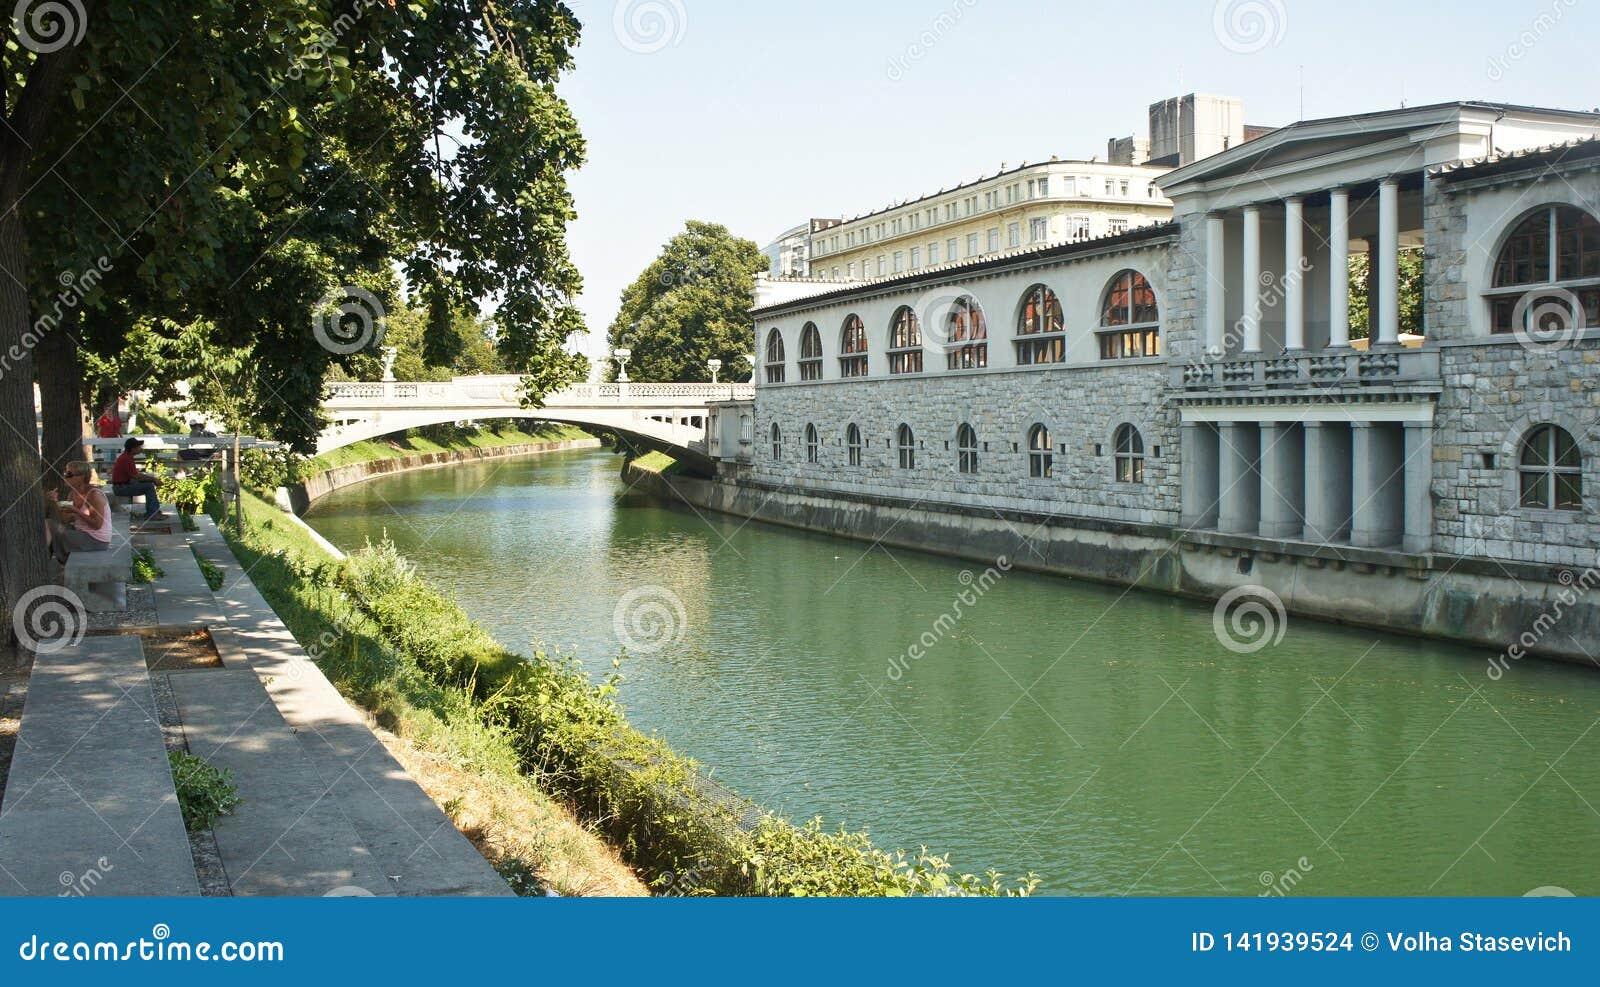 Любляна, Словения - 07/19/2015 - взгляд обваловки реки Ljubljanica в старом городке, городском пейзаже с мостом, красивым